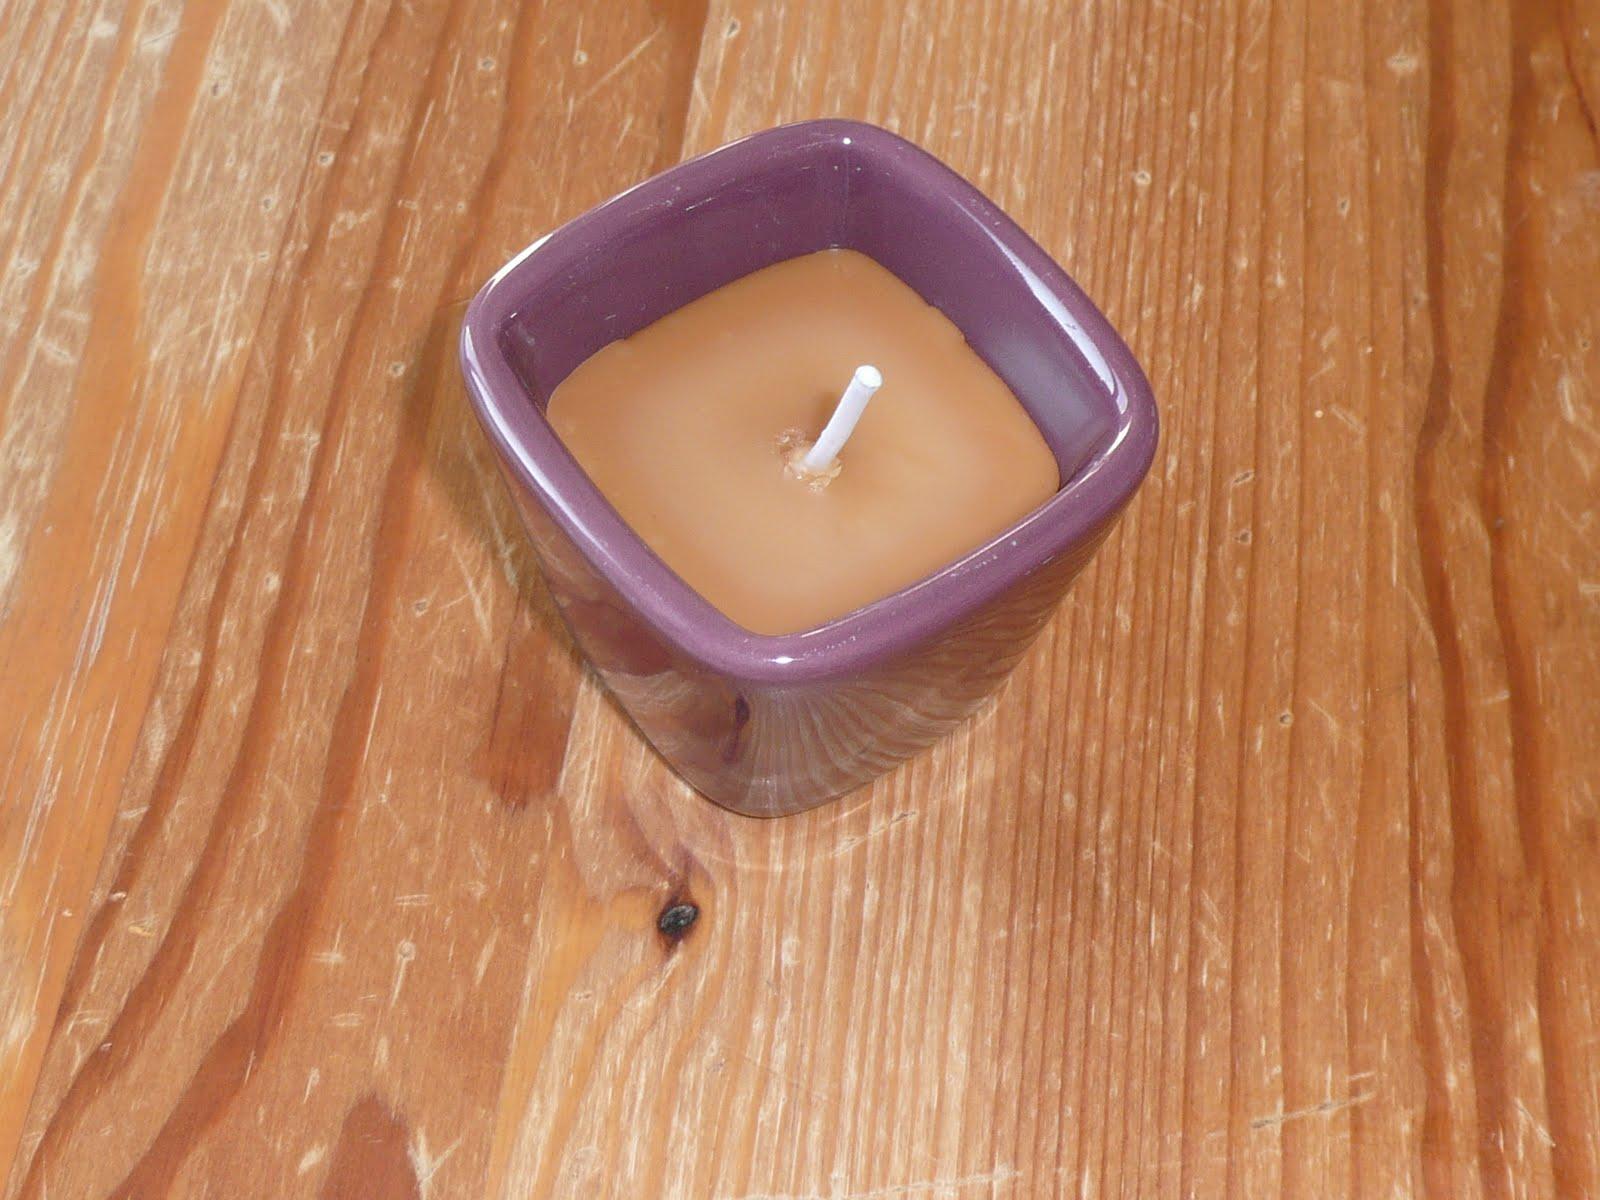 vaneli cosm tiques maison recette de la bougie d 39 ambiance bougie d 39 ambiance s duction. Black Bedroom Furniture Sets. Home Design Ideas